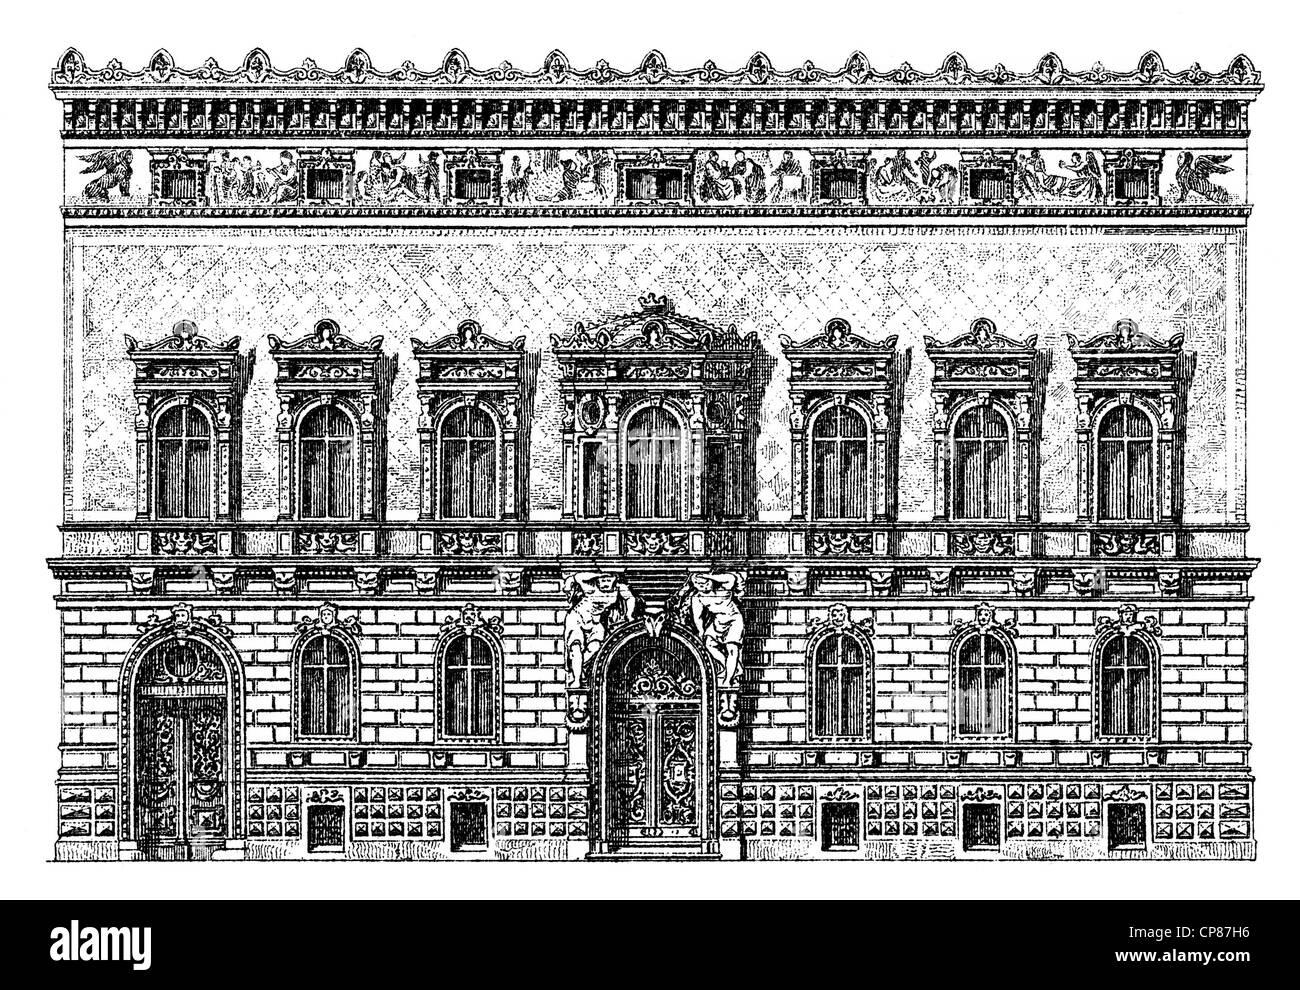 Historische, zeichnerische Darstellung Berliner Bauwerke, Palais Pringsheim, 19. Jahrhundert, aus Meyers Konversations - Stock Image